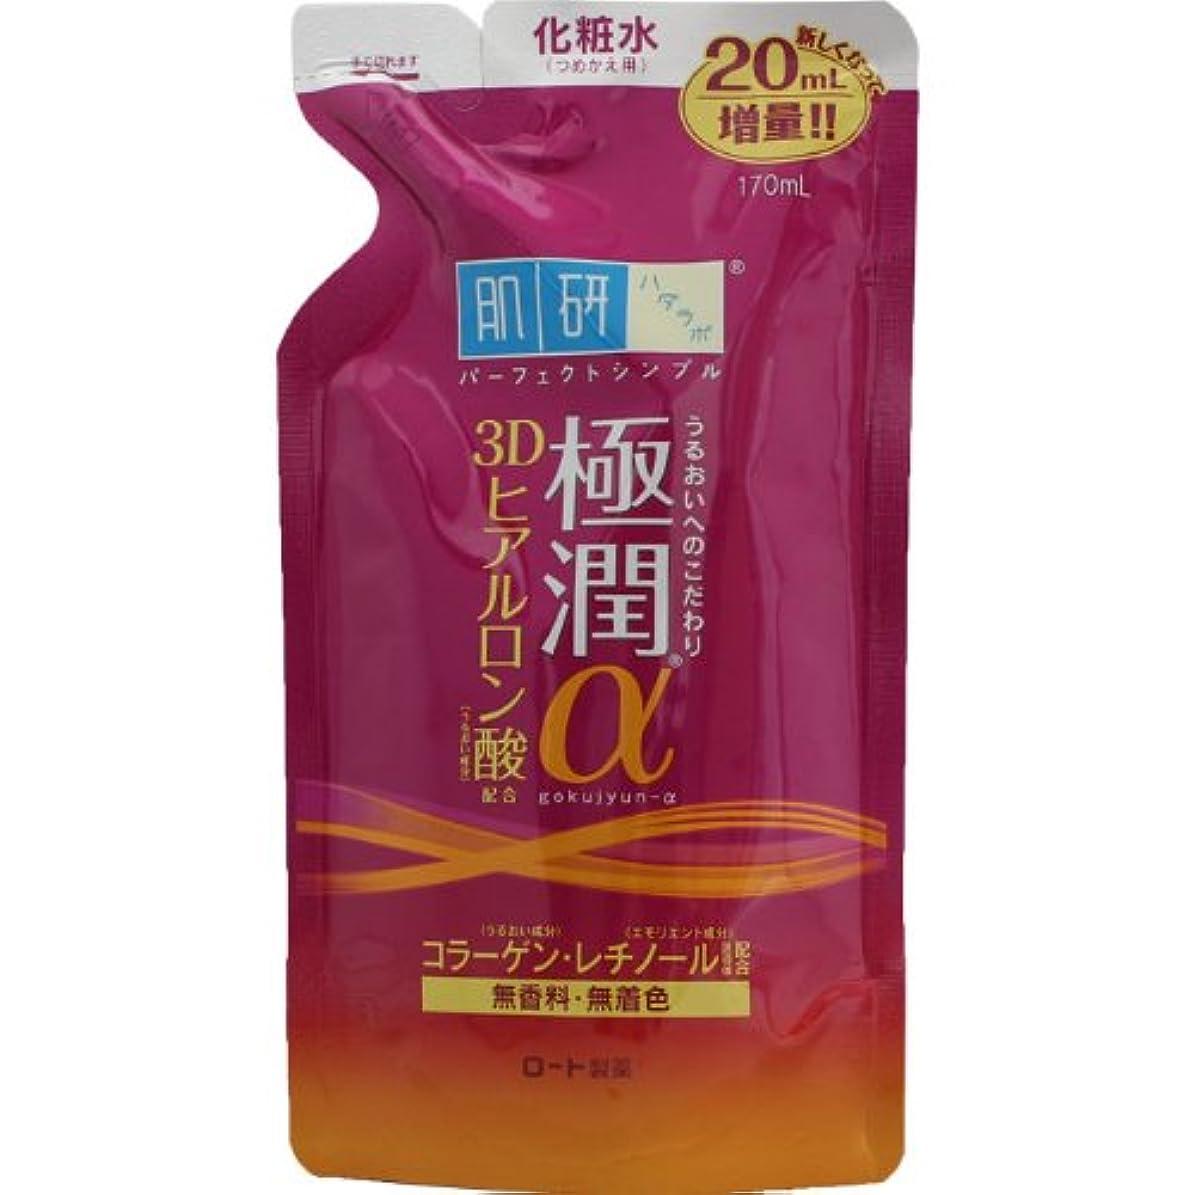 貝殻欠乏アベニュー肌研(ハダラボ) 極潤 α化粧水 (つめかえ用) 170mL